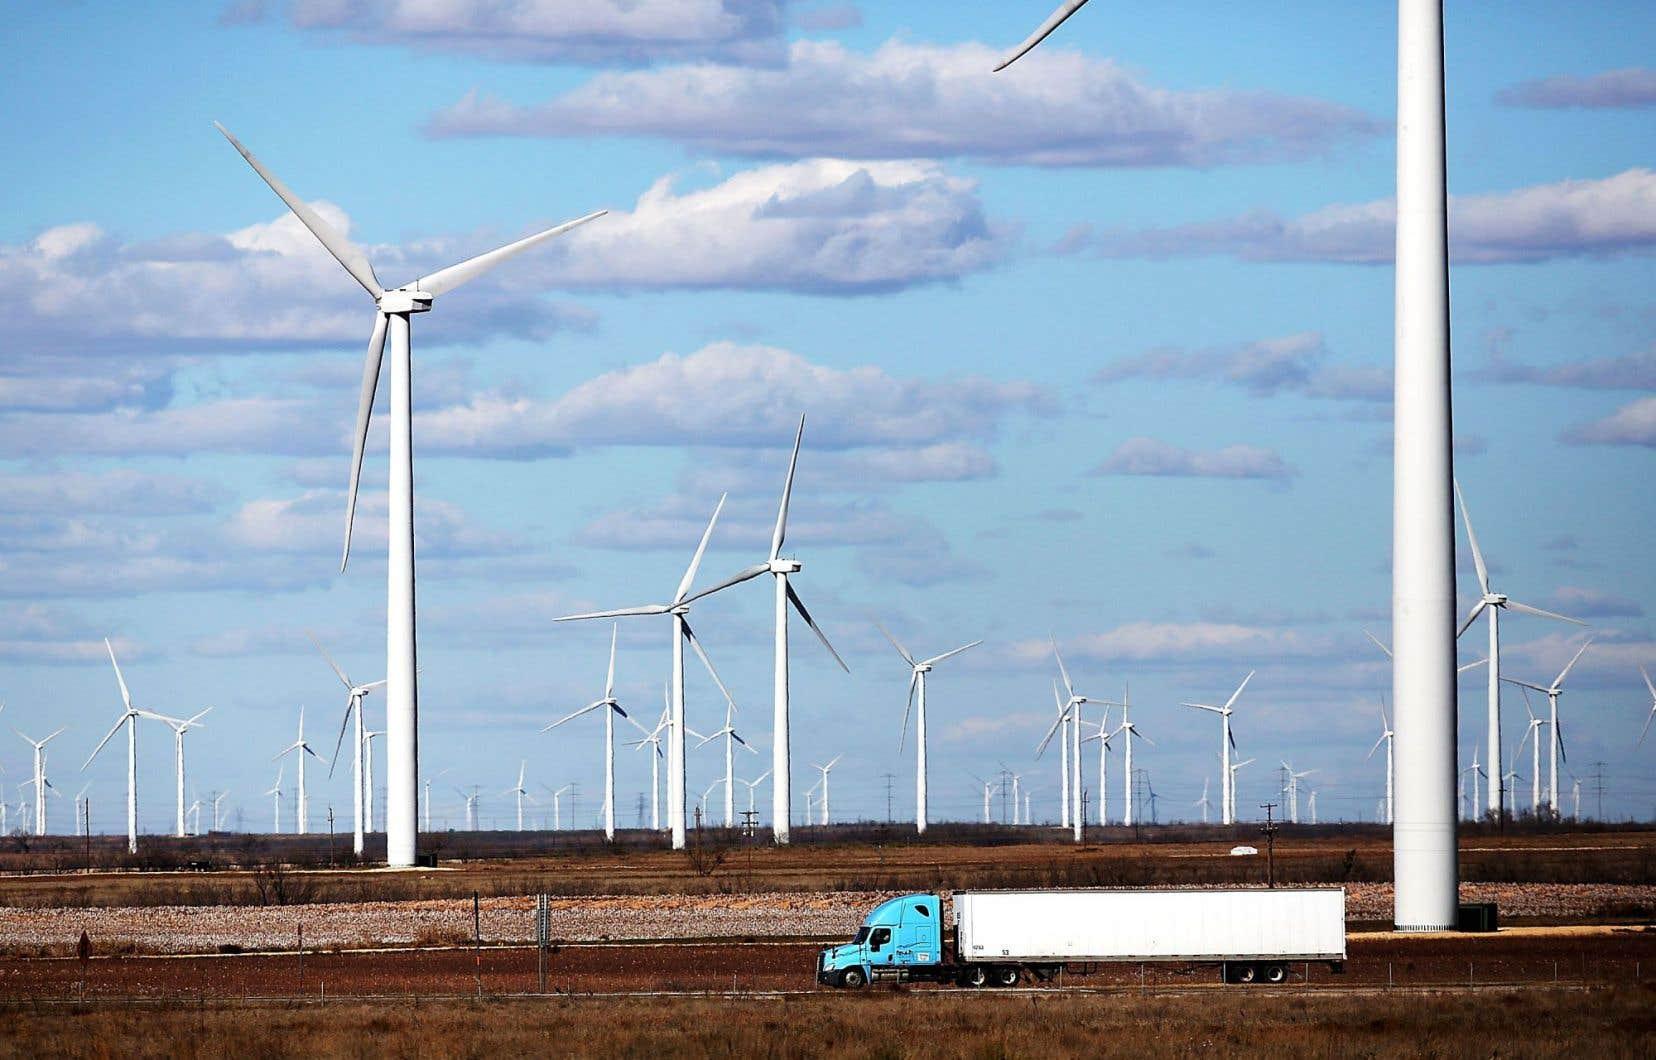 «Le monde a besoin de plus d'éoliennes, pas de nouveaux pipelines de sables bitumineux», a réagi mercredi Greenpeace.